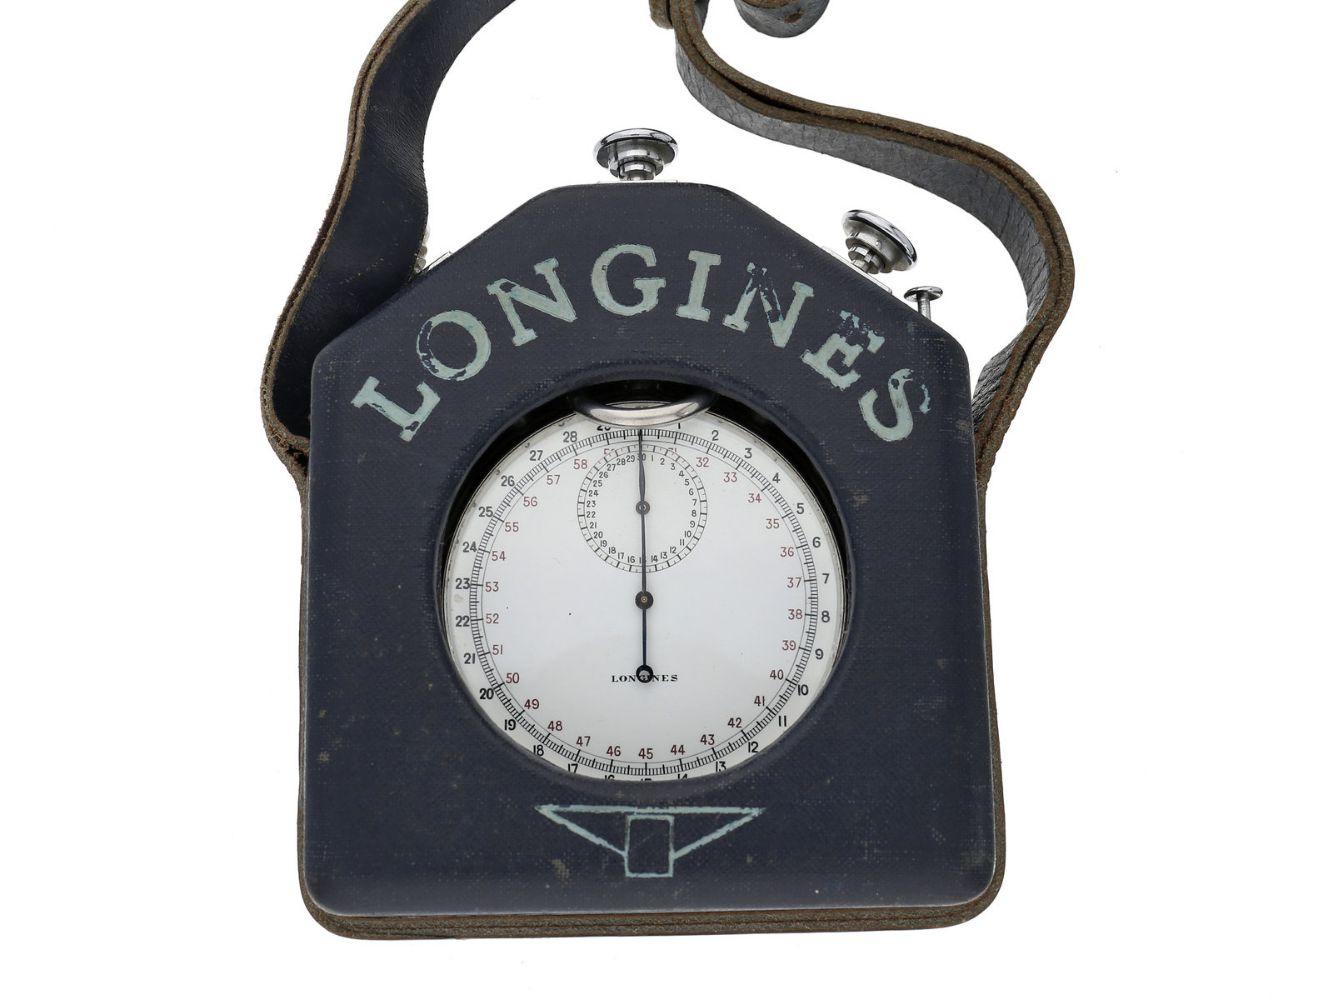 Last Minute - Einlieferungen in letzter Minute, Nachlässe, Geschäftsauflösungen, Partien, Posten und Gelegenheiten